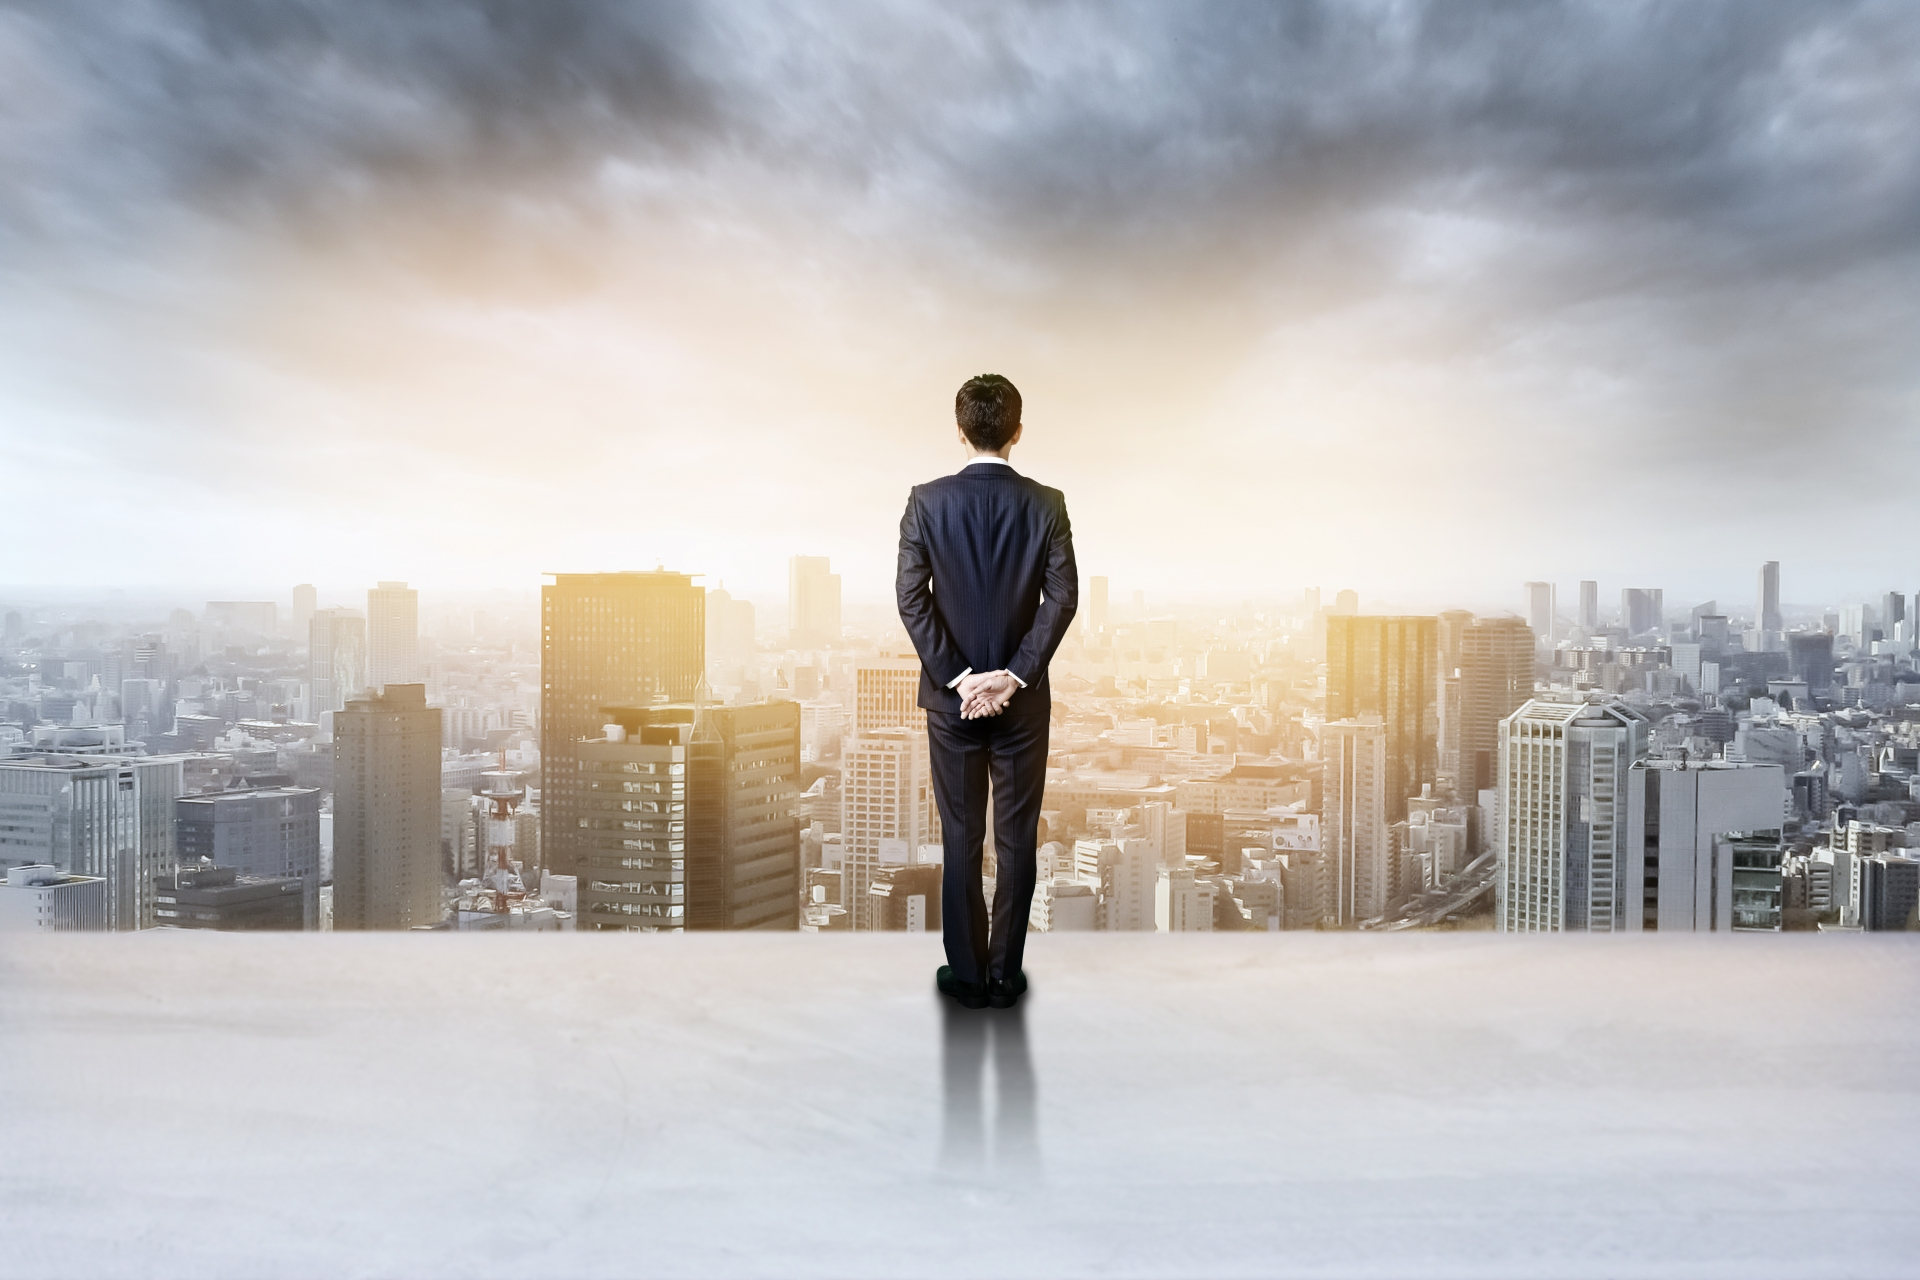 マネジメントとは? その意味や役割、強化/向上すべきスキルと実践方法を振り返る